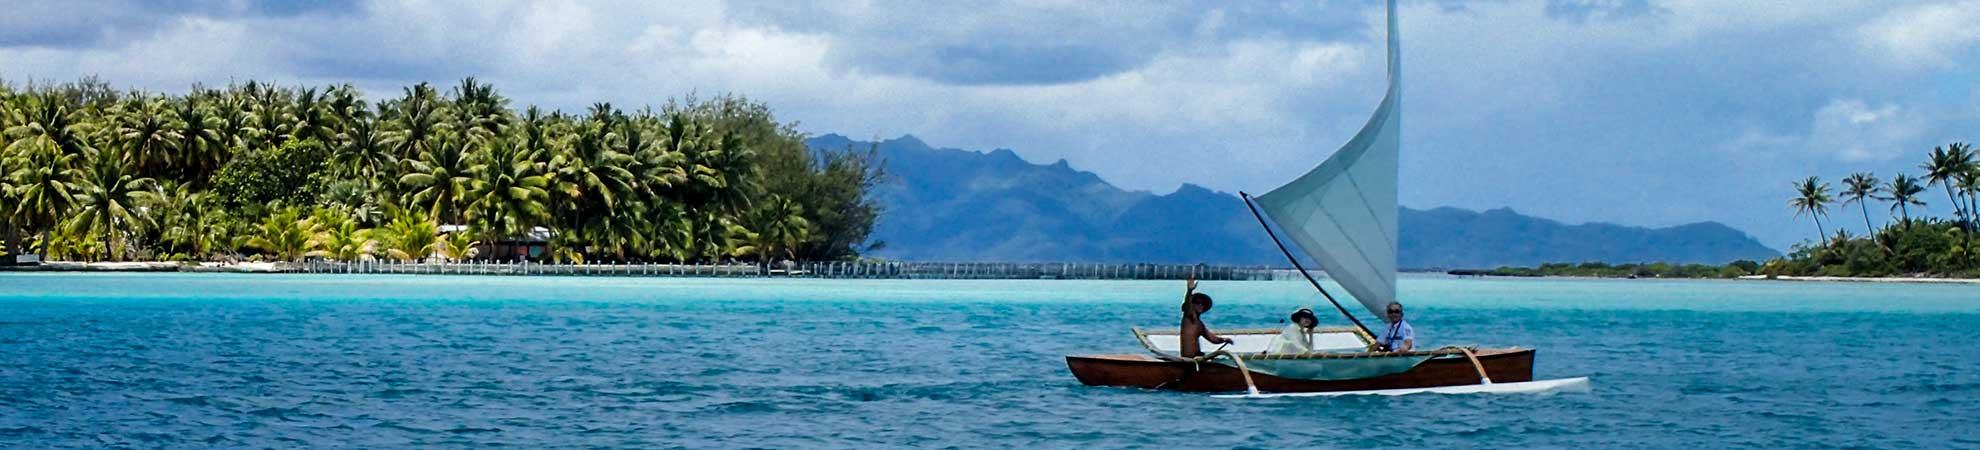 Bora Bora voyage prix